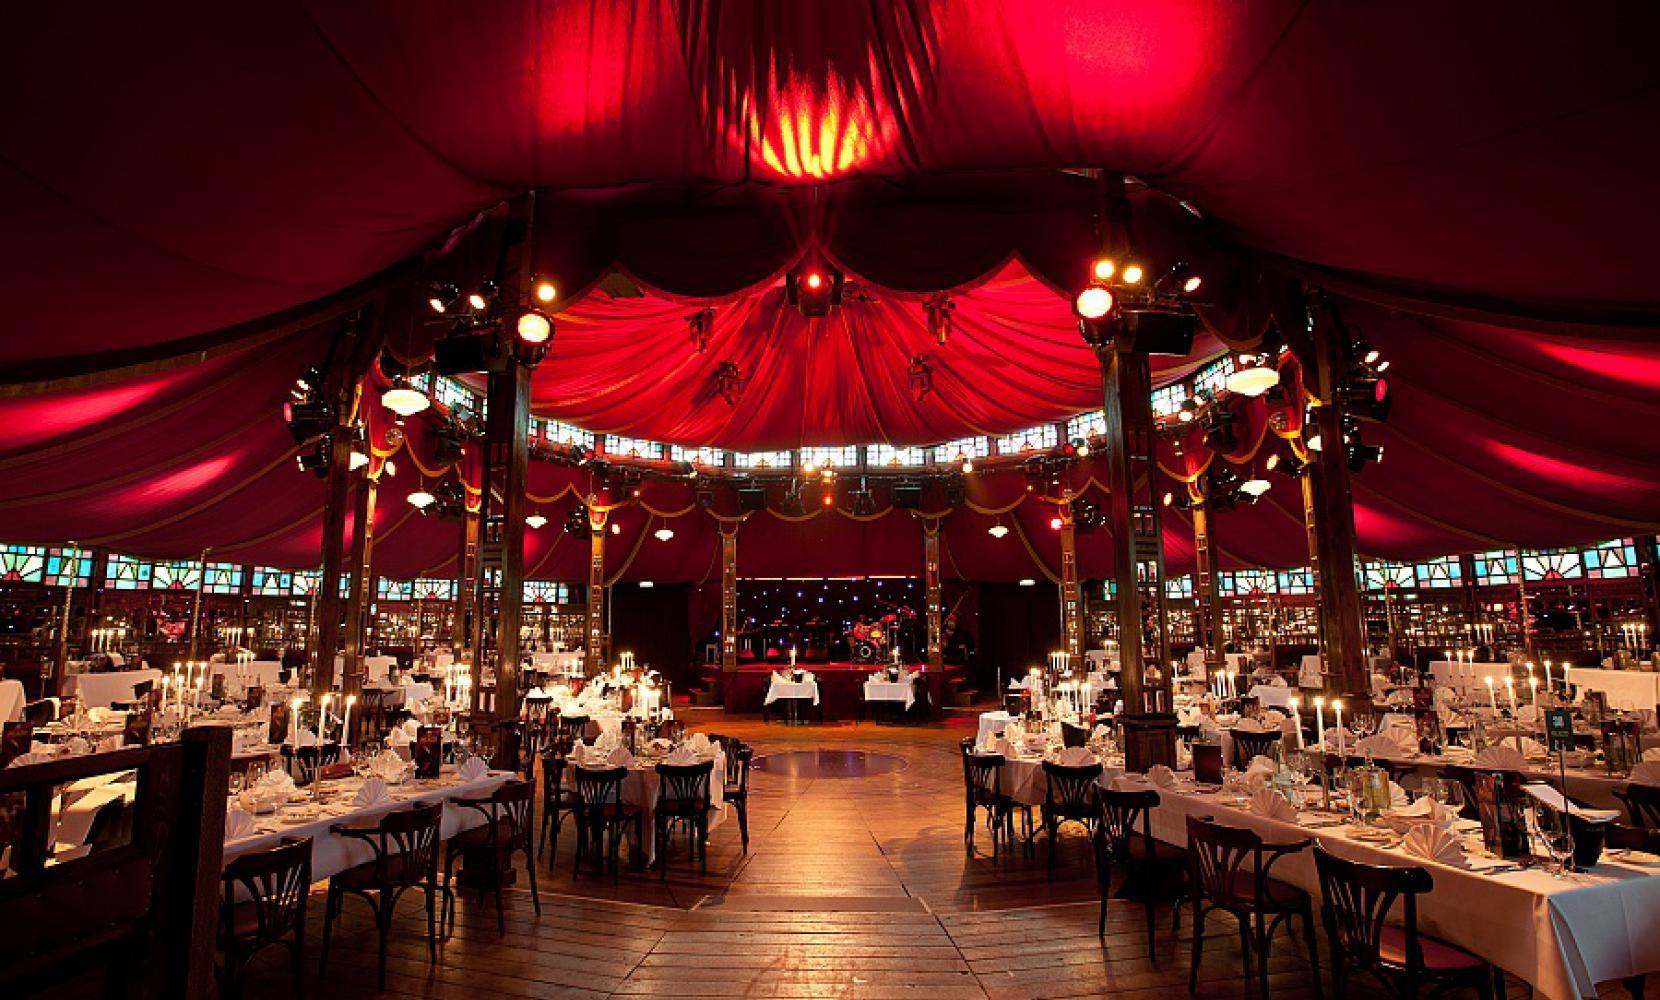 Het_Spiegelpaleis-The_Caroussel_interior1.jpg